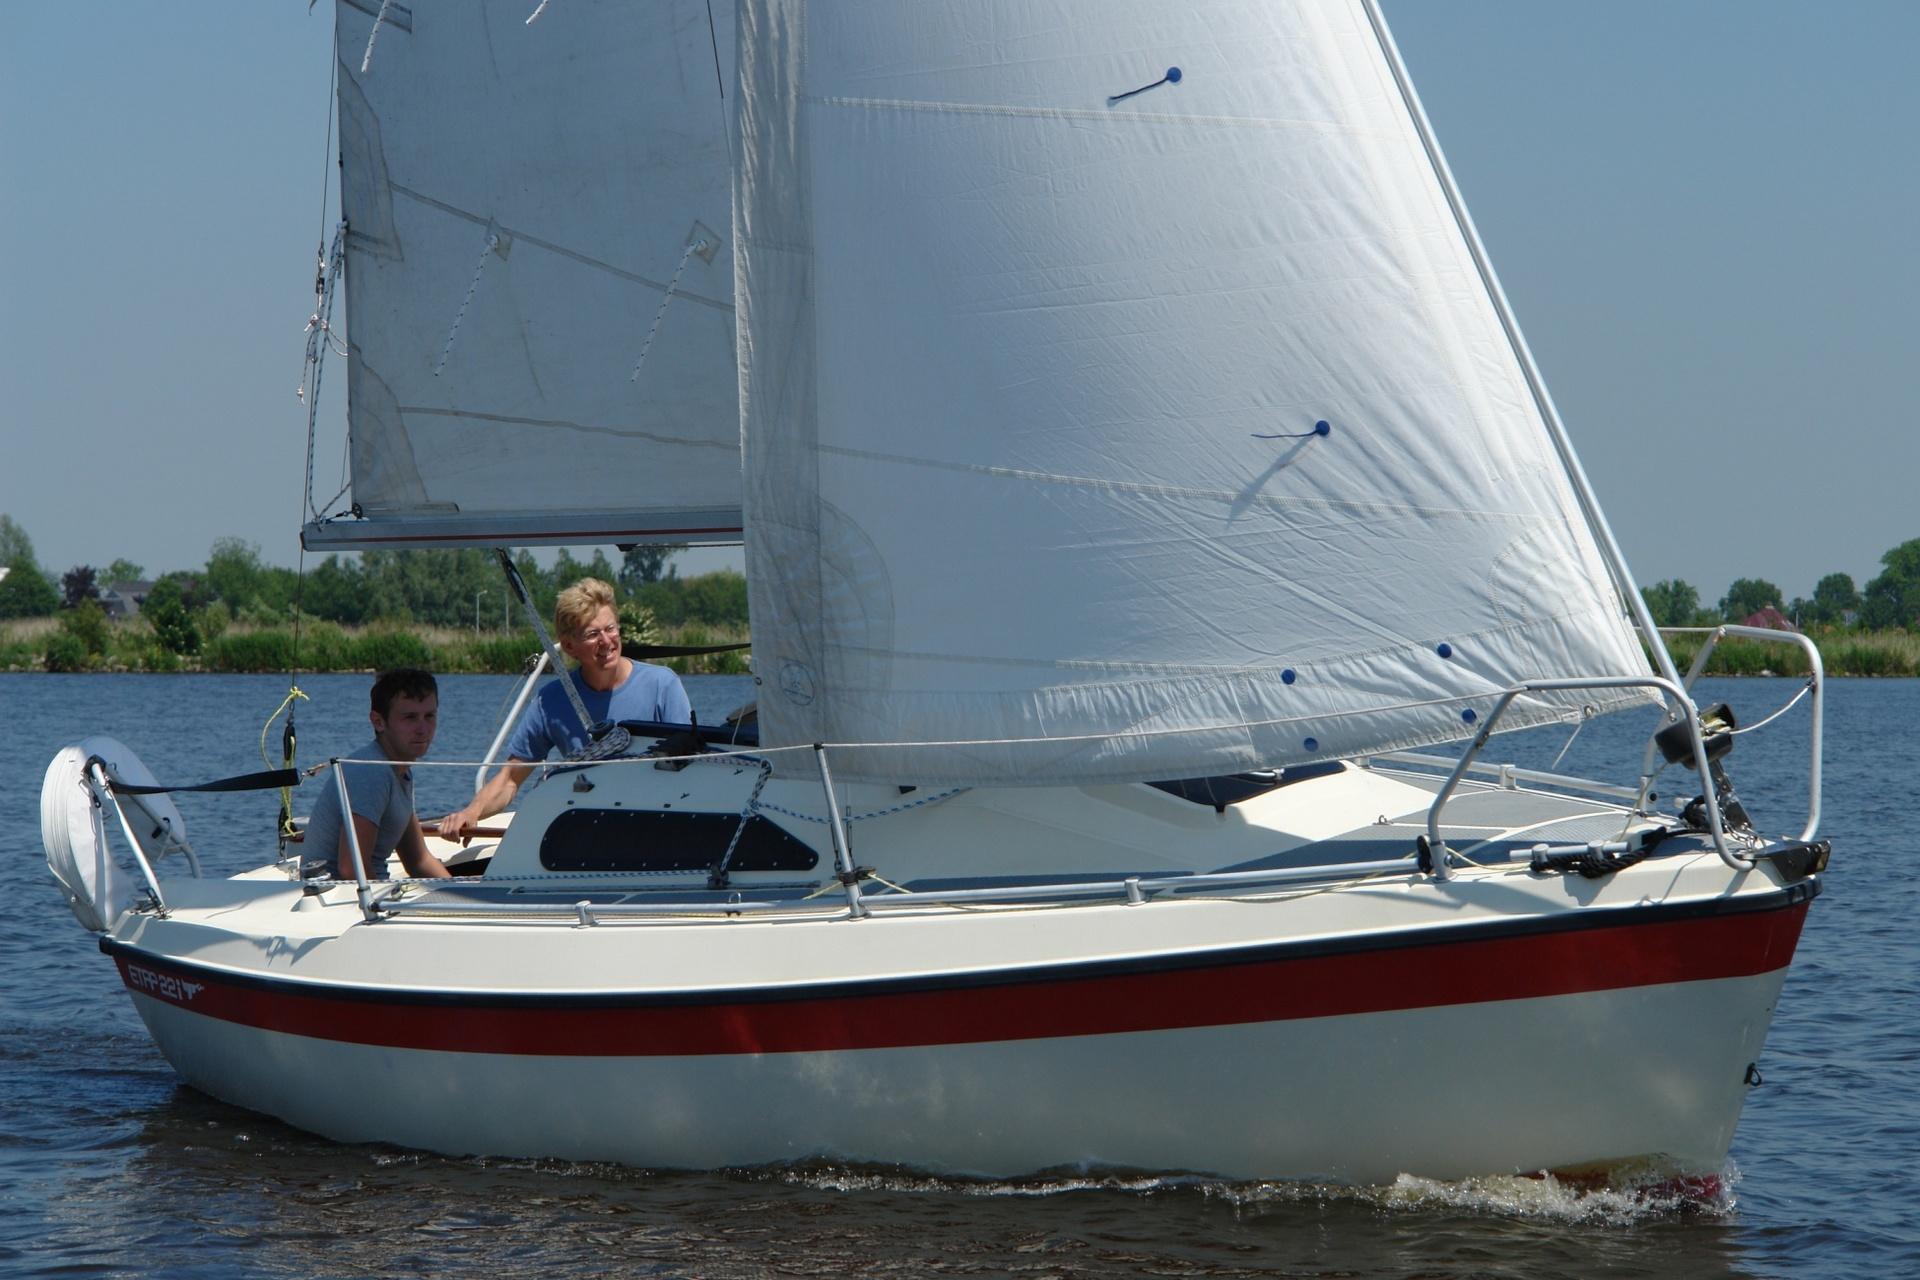 Sportieve toerboot met weinig diepgang voor de Friese meren.